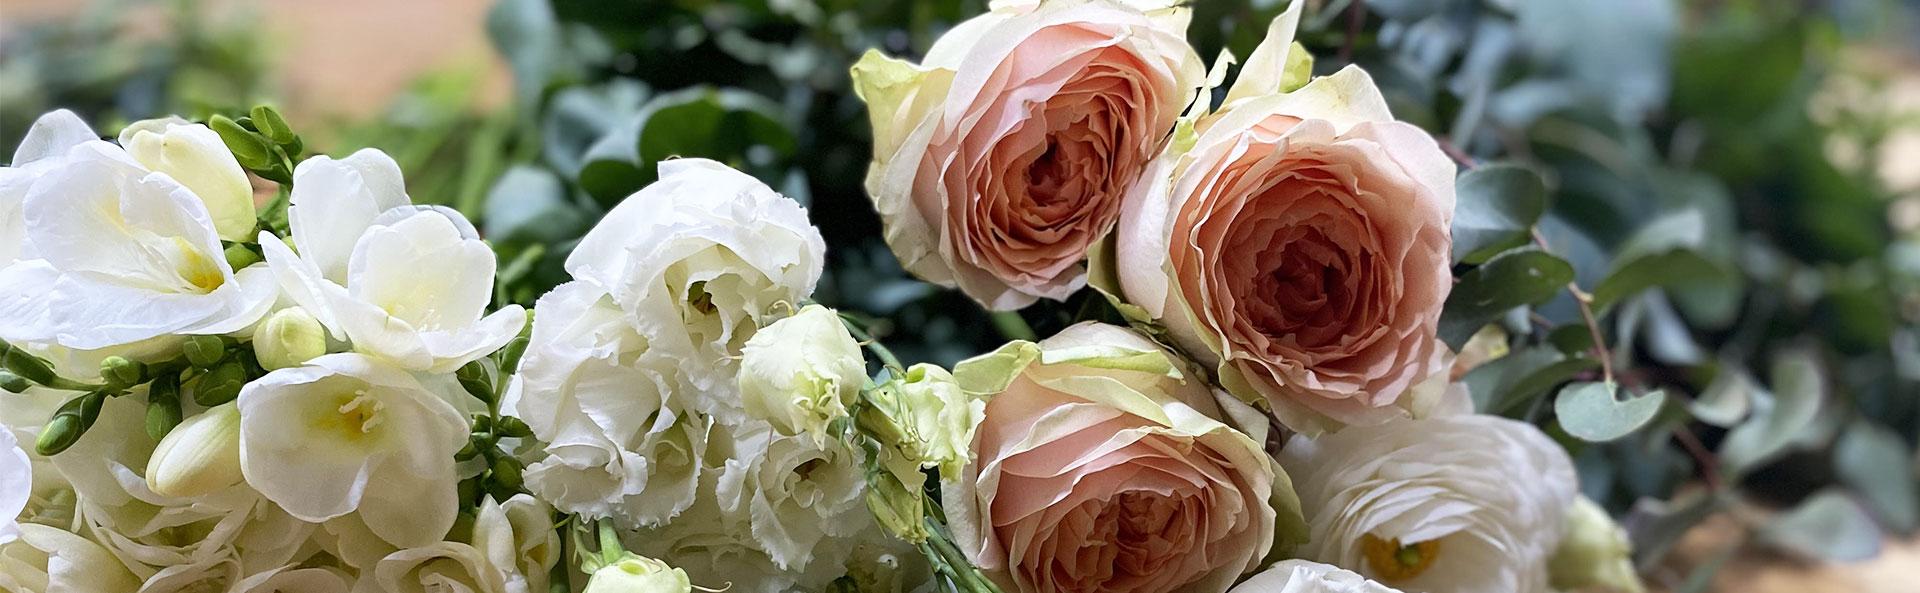 Fleuriste